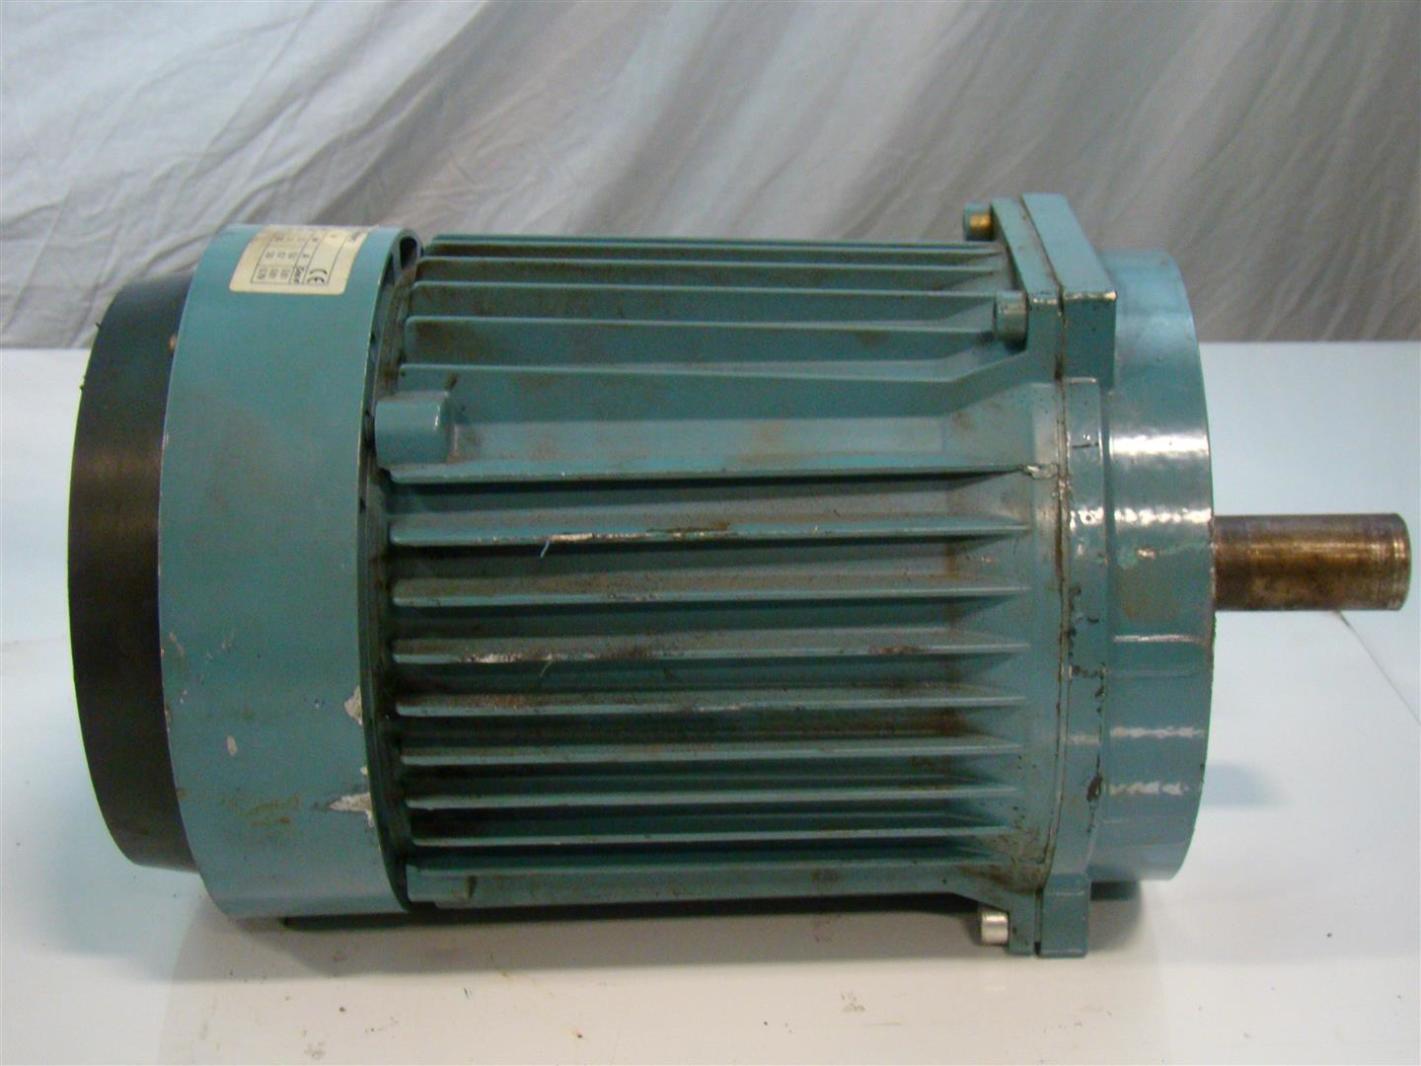 Abb Motors Electric Motor Ph3 380 420v M2000 2016737 M2aa100la Joseph Fazzio Incorporated